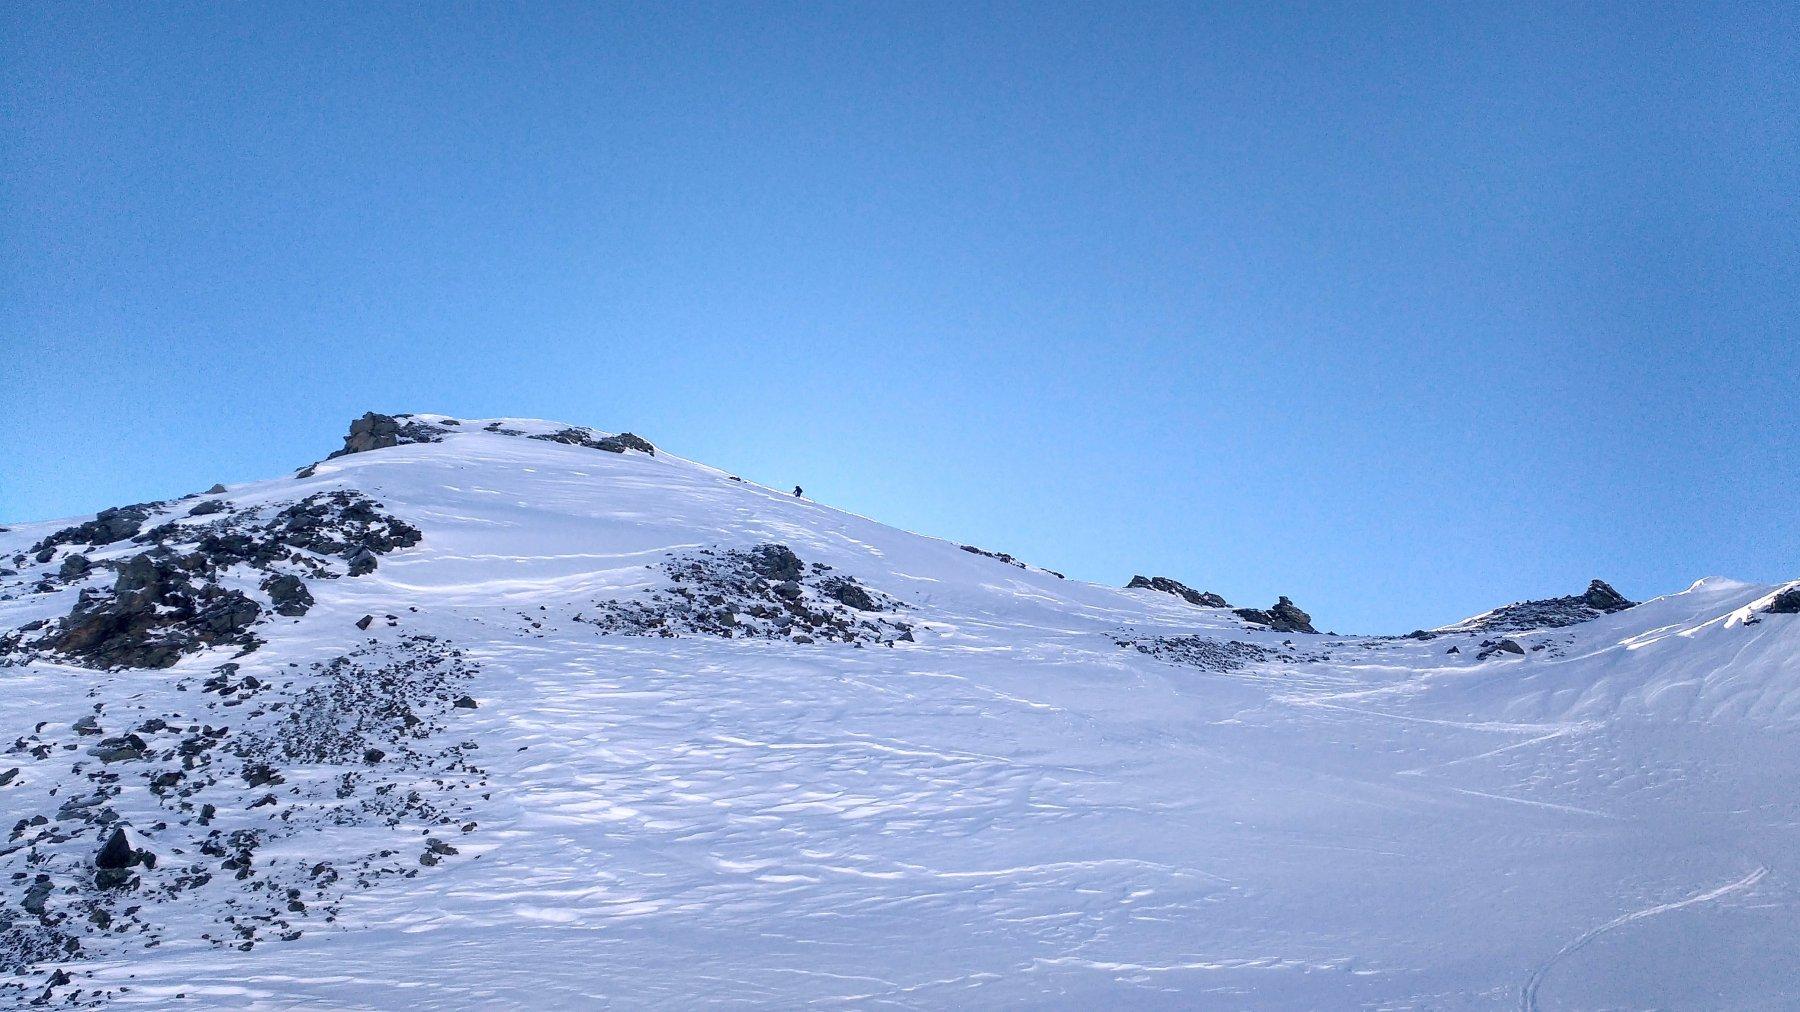 L'ultimo tratto prima della cima.